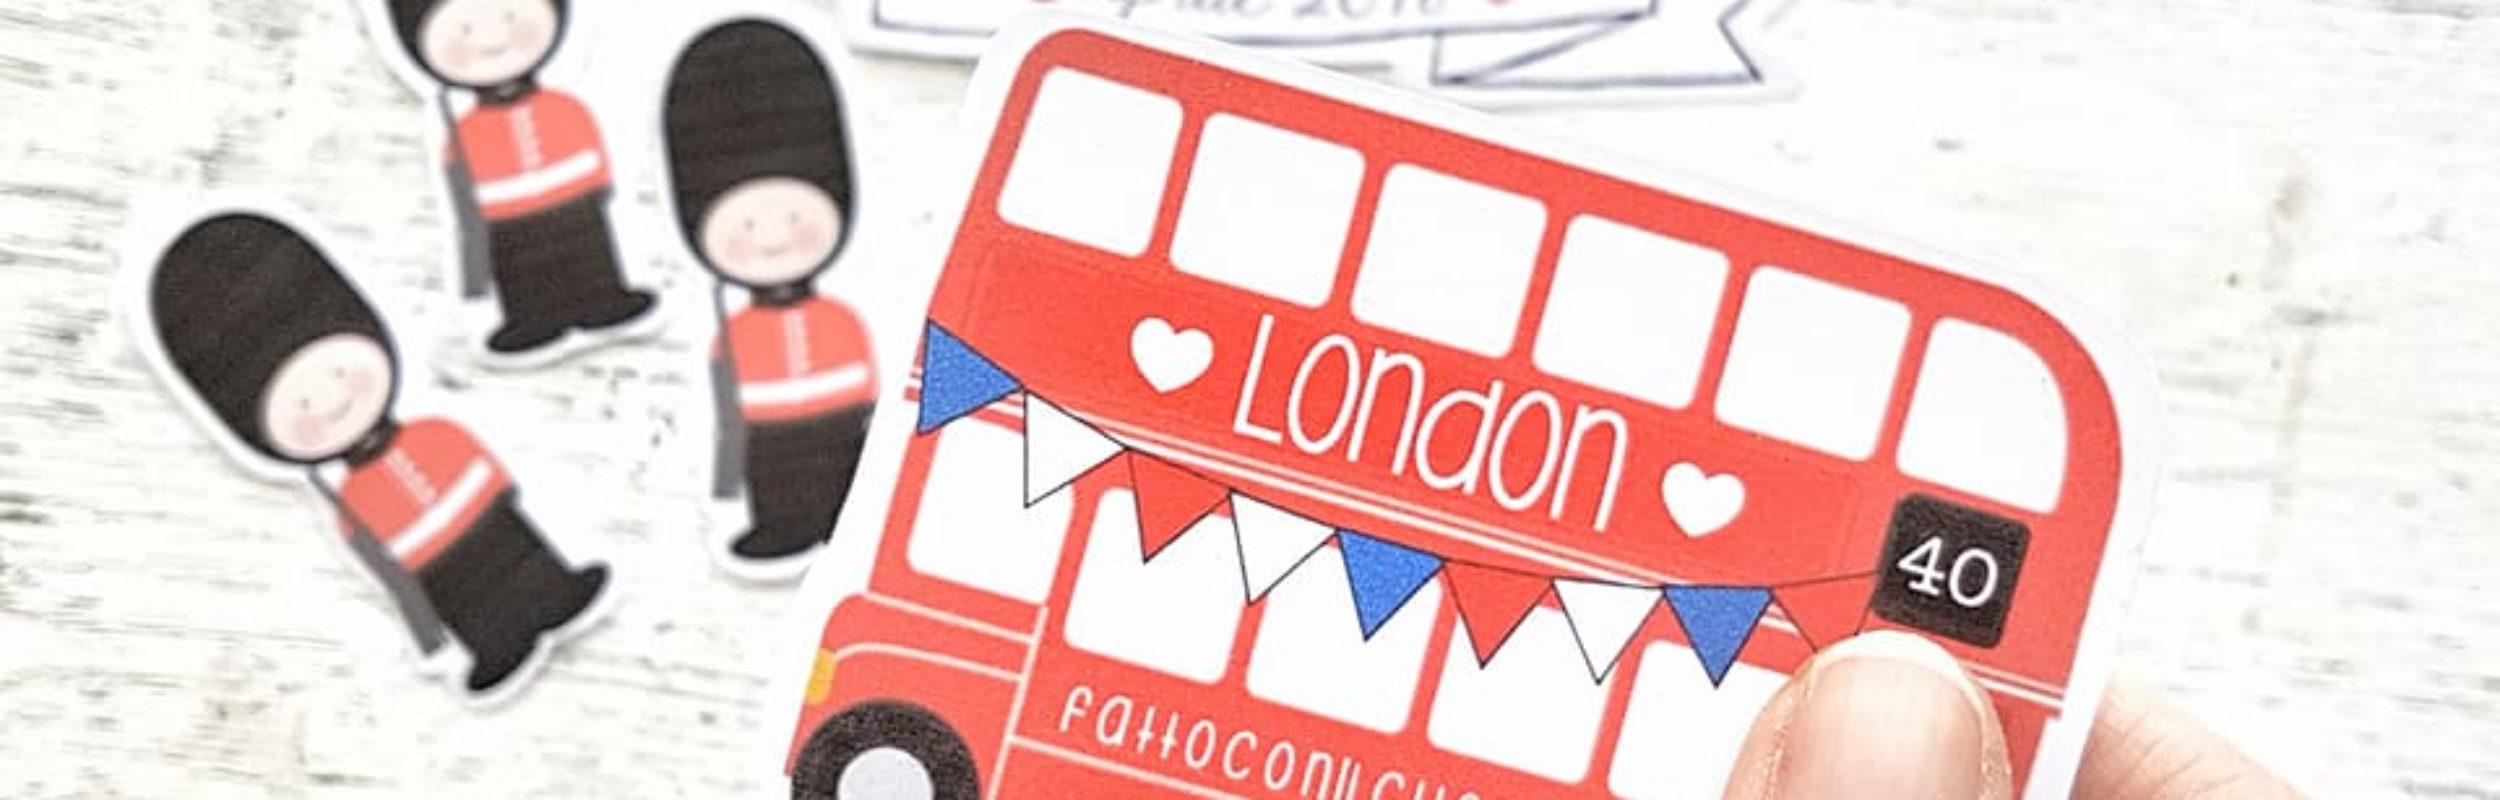 La grafica ispirata alla città di Londra